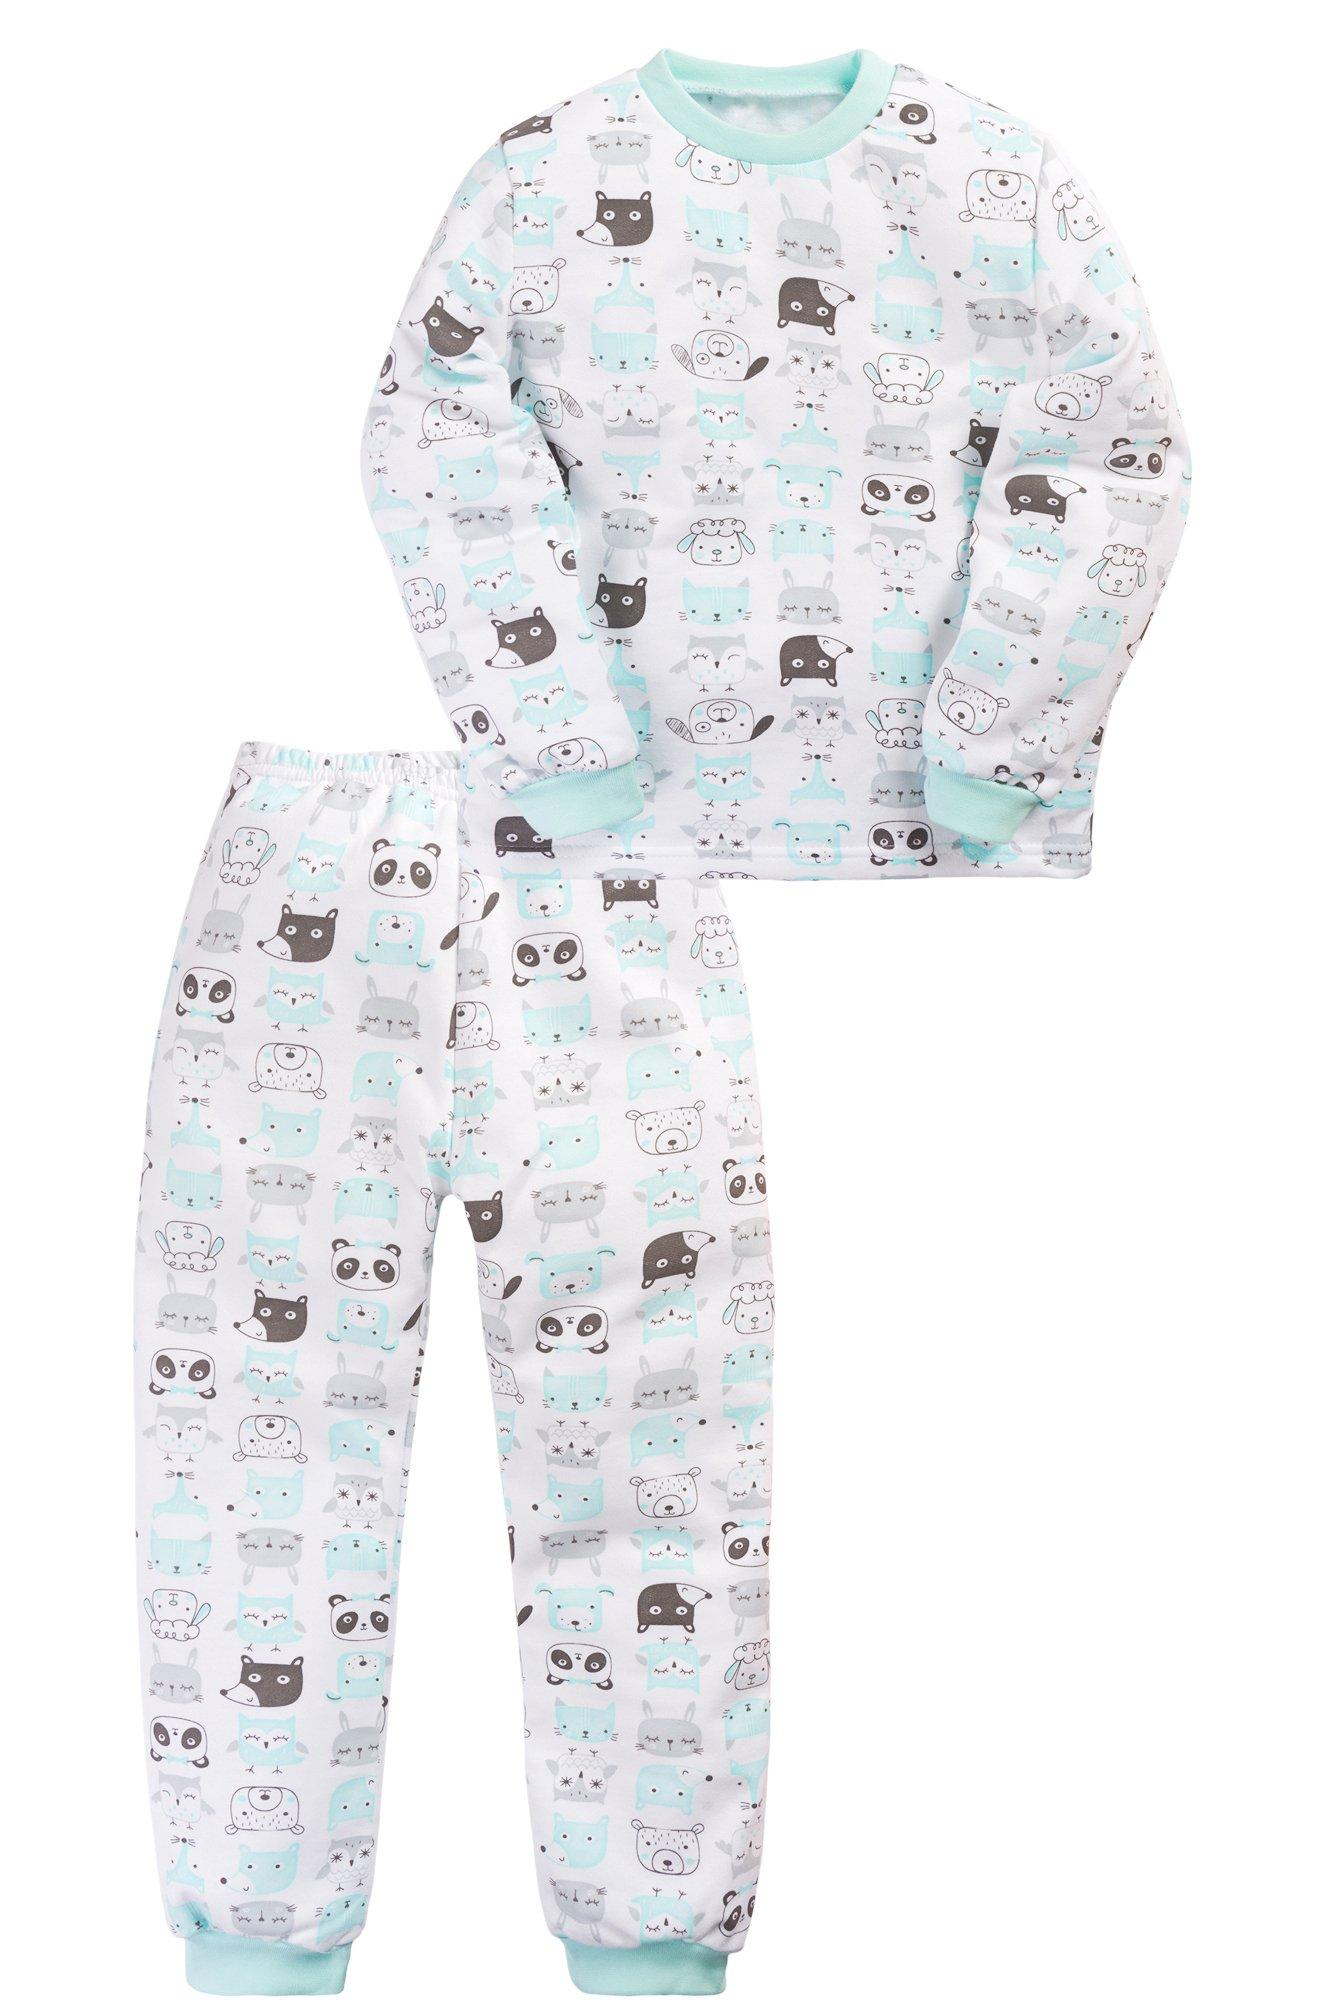 Пижама детская Веселый малыш купить оптом в интернет-магазине ... 7d515bdae9782